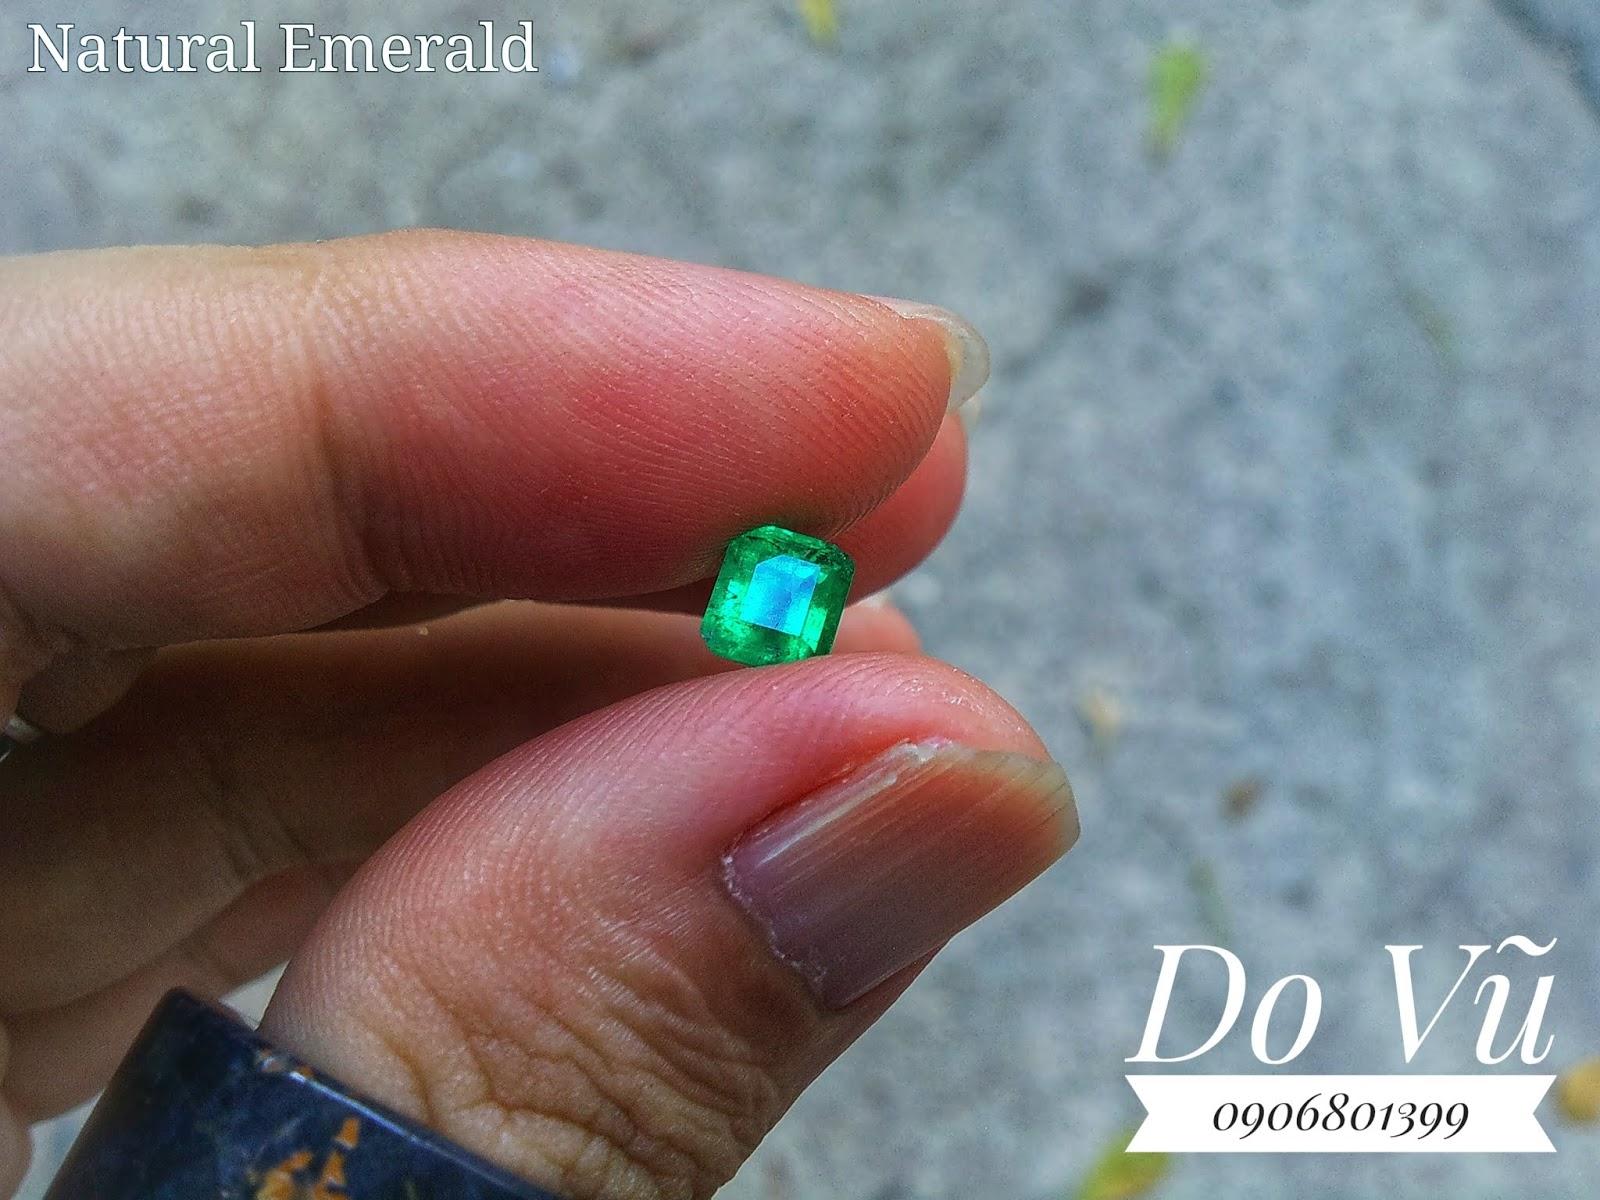 Đá quý Ngọc Lục Bảo thiên nhiên, Natural Emerald Colombia xanh dạ quang cực mạnh ( 19/05/20, 01 )